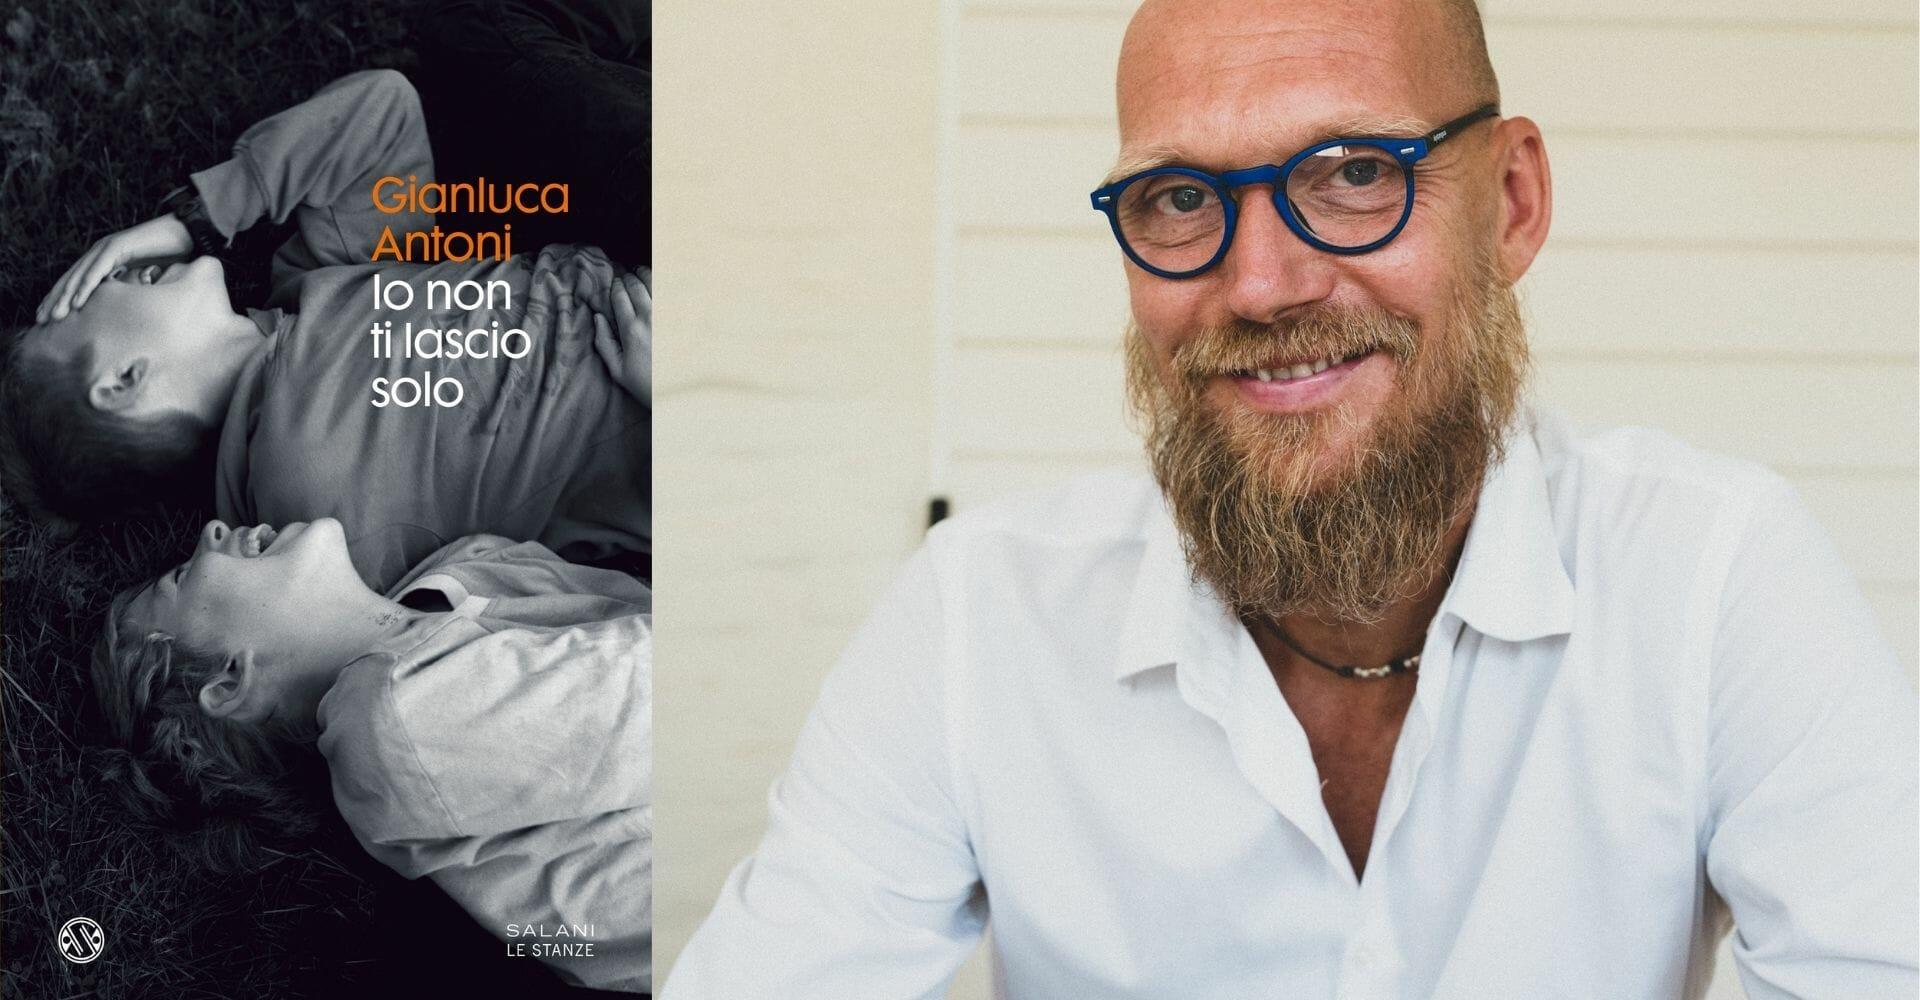 """""""Io non ti lascio solo"""" di Gianluca Antoni mescola giallo e storia di formazione"""